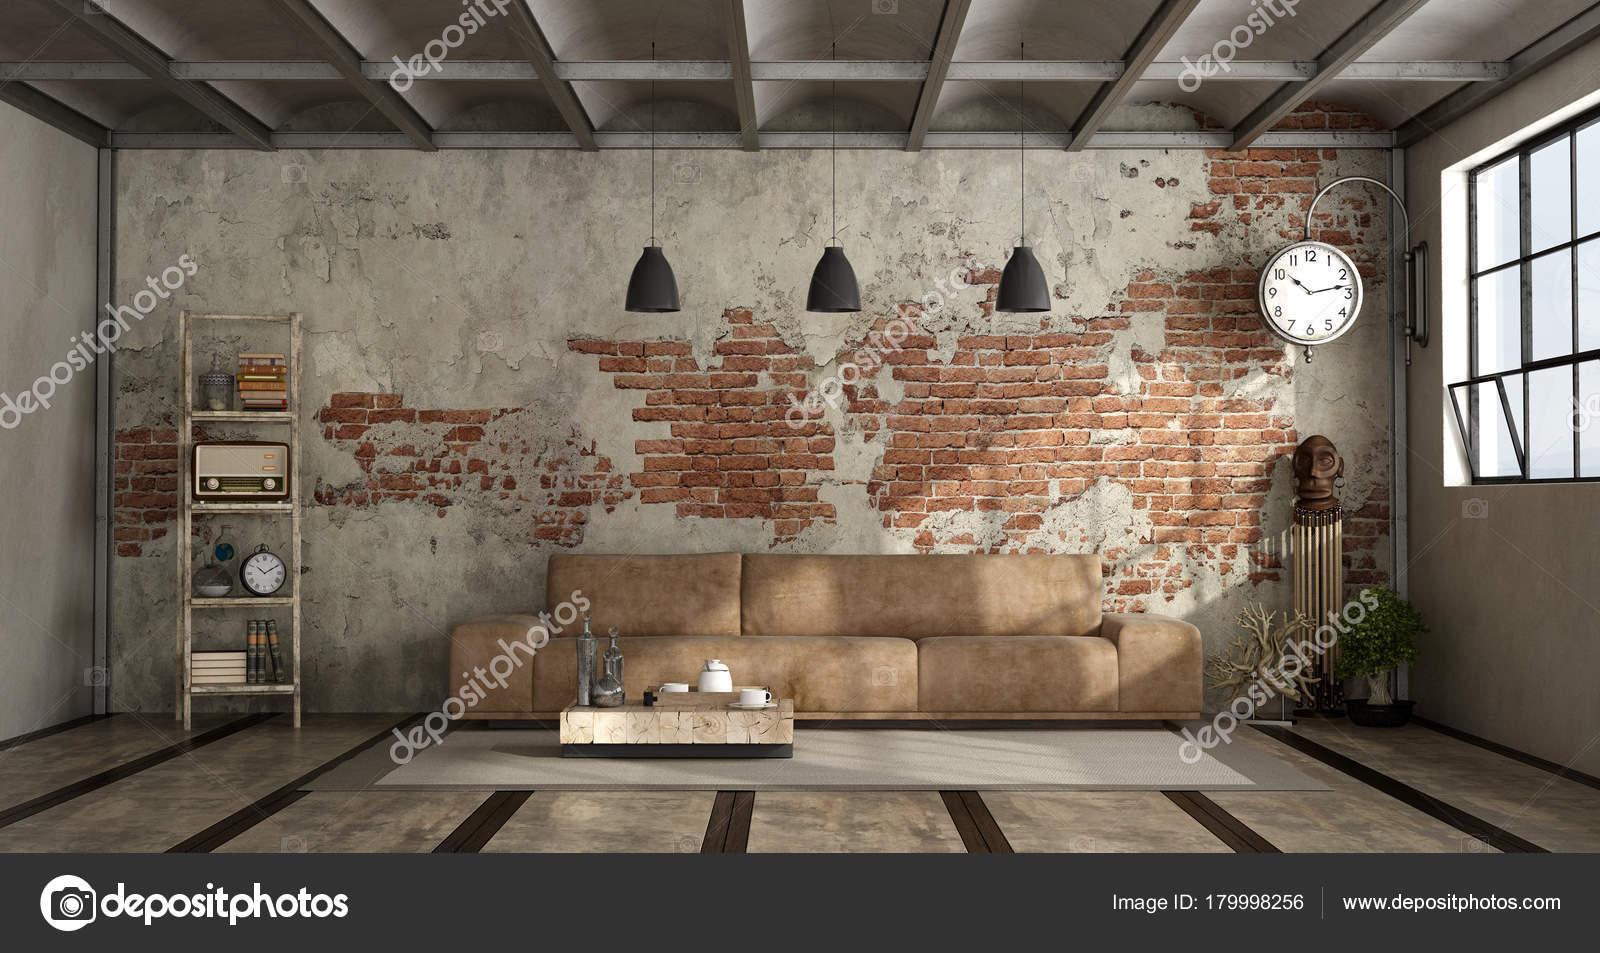 Schon Wohnzimmer Im Industriellen Stil U2014 Stockfoto